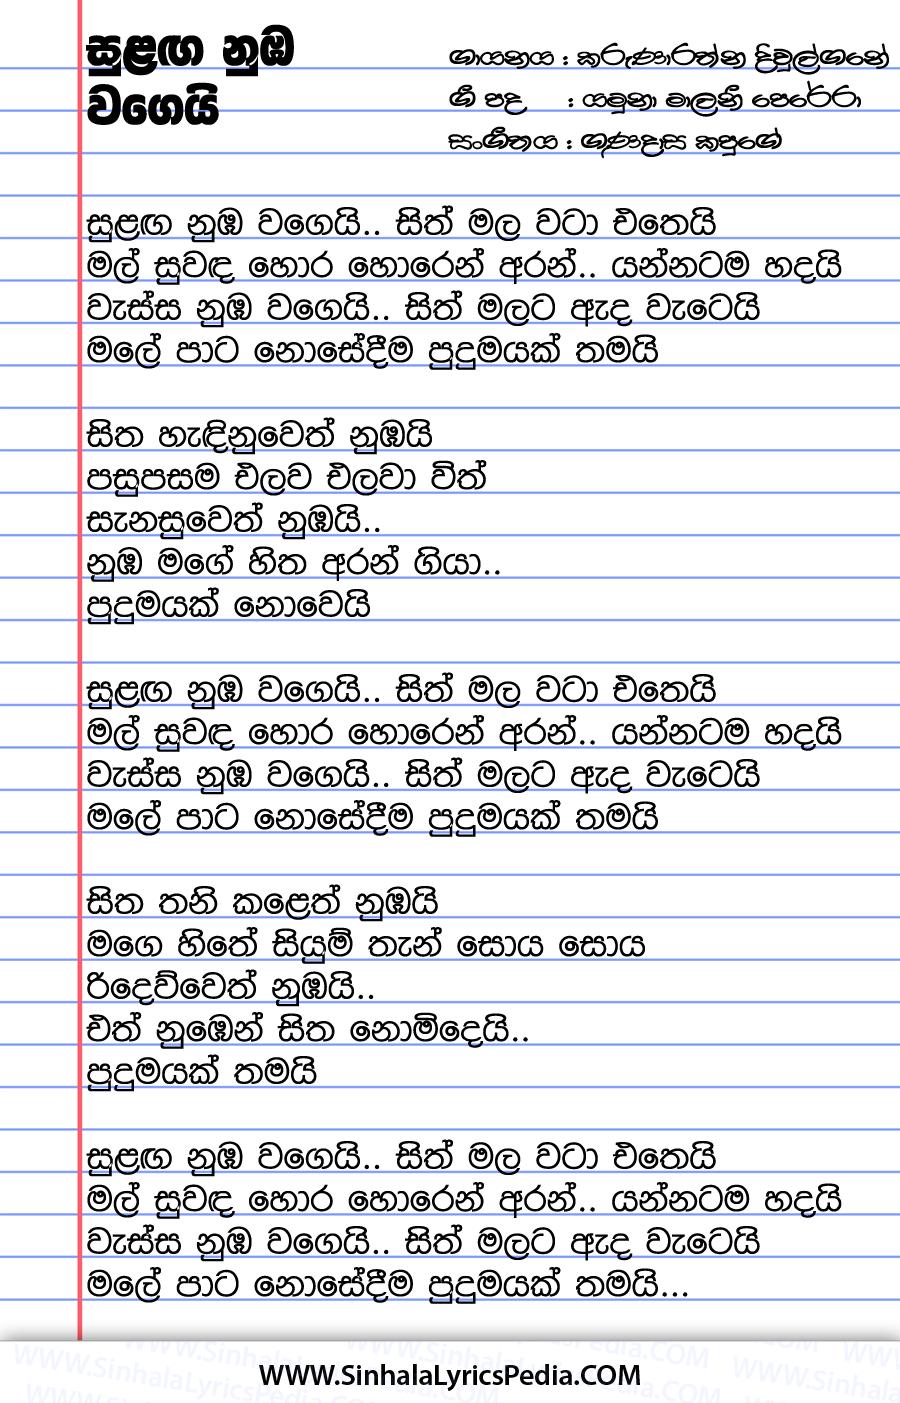 Sulanga Numba Wage Song Lyrics